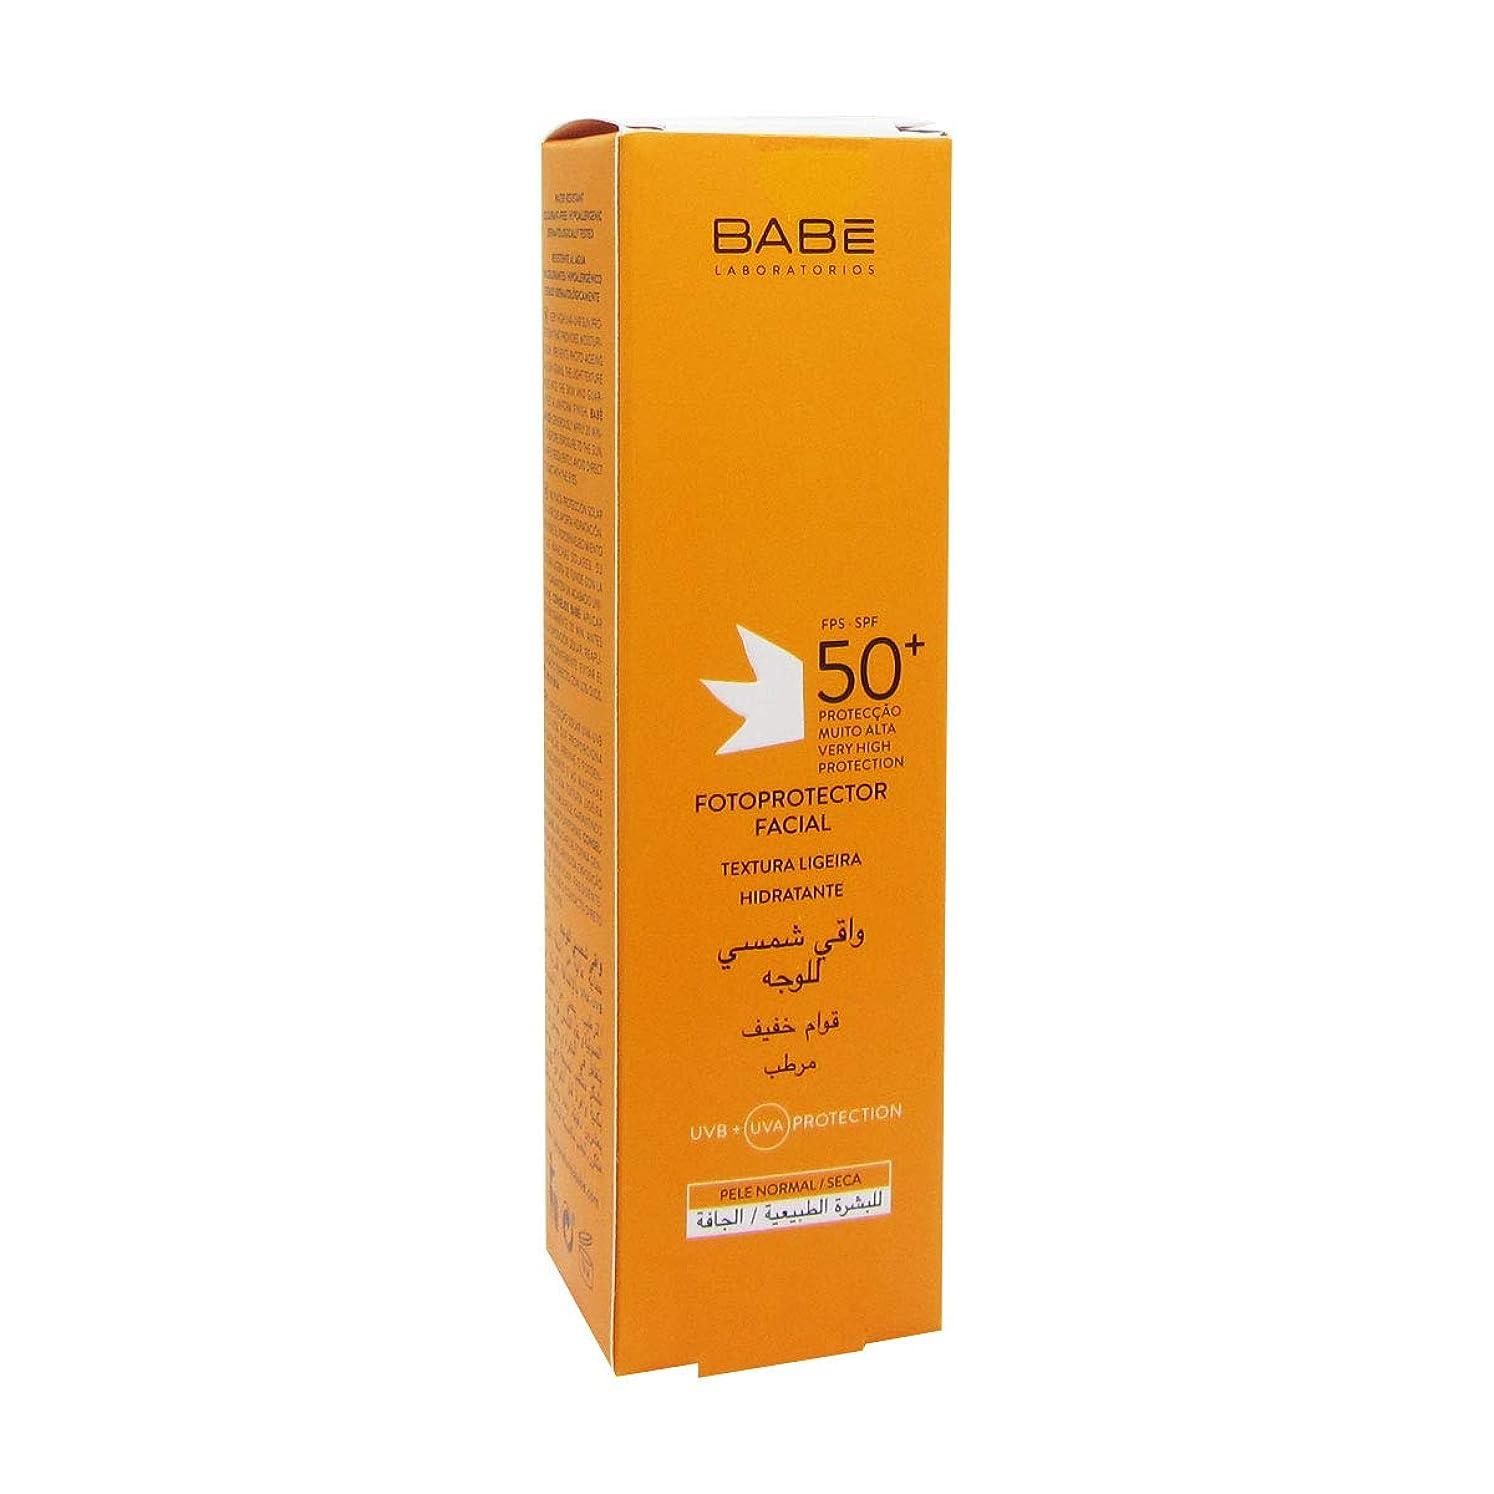 スパンスマッシュ競合他社選手Bab Sun Light Facial Photoprotector Fps50+ 50ml [並行輸入品]